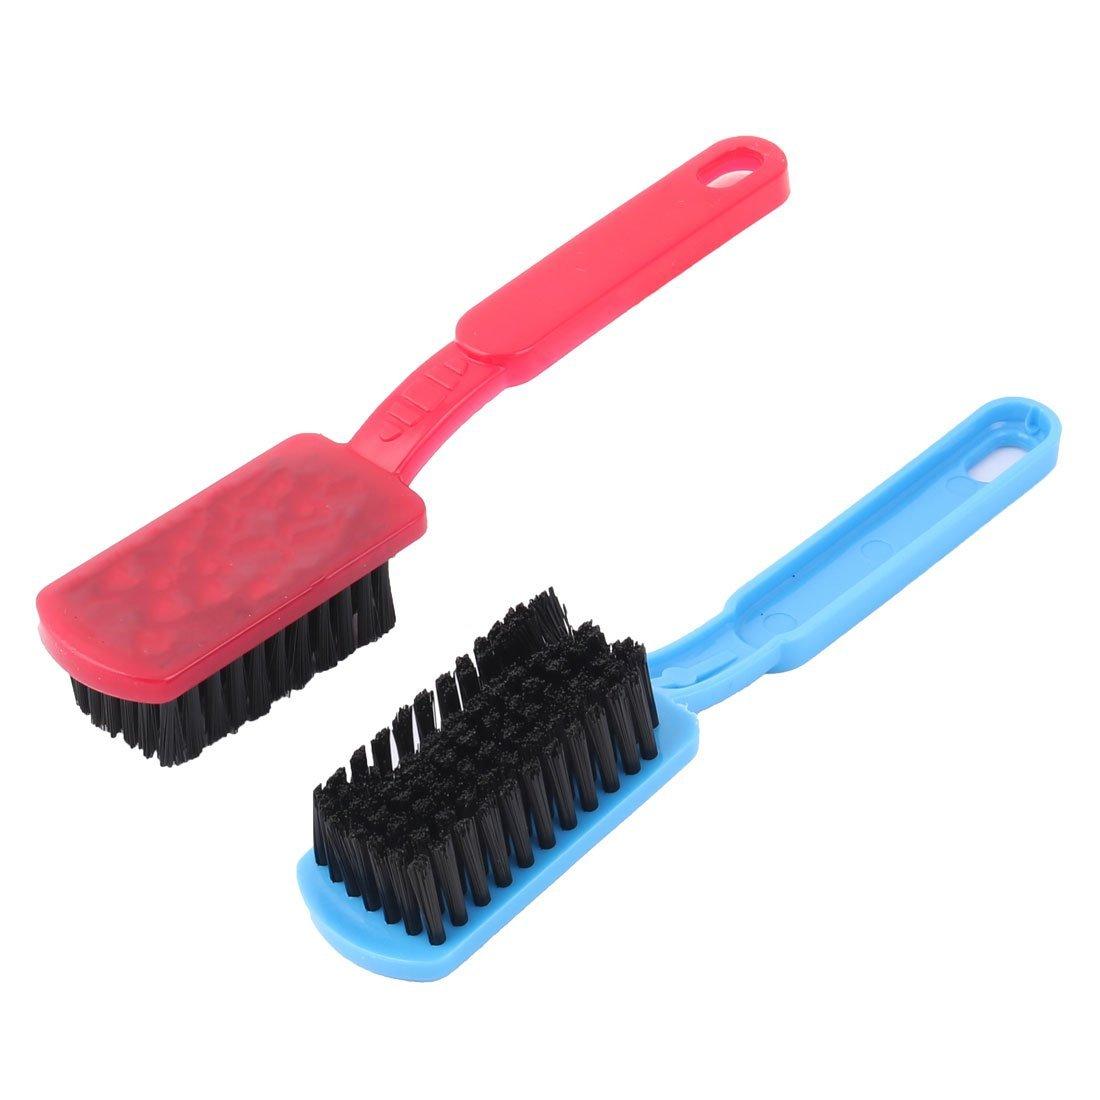 Amazon.com: Zapatos Baño eDealMax de plástico de Lavado de herramientas cepillo de limpieza 10pcs: Health & Personal Care